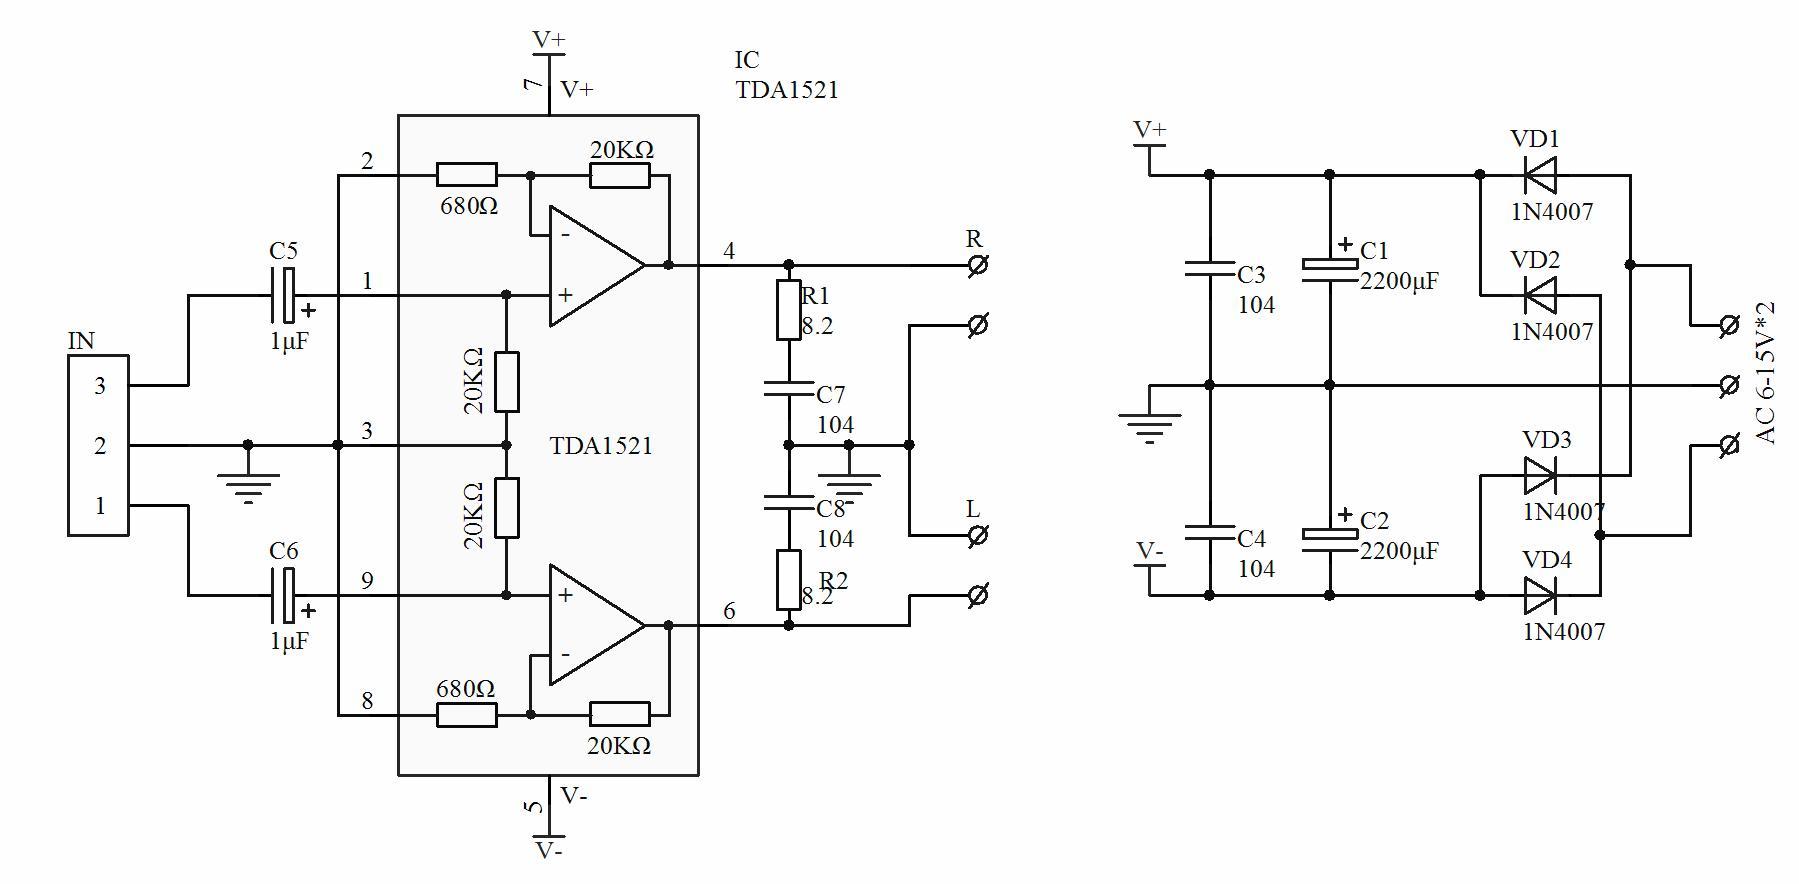 装配好后的效果图:    TDA1521简介: 高保真功放IC TDA1521采用九脚单列直插式塑料封装,是飞利浦215W单片功放集成电路, 外围元件极少, 使用方便, 具有短路保护和静噪功能。电器特性参数:(Vcc=16V RL=8 f=1KHz Ta=25) 1、电源电压 :Vcc = 7.5 -- 20V 推荐值:15V 2、输出功率 :Po =212W(THD=0.